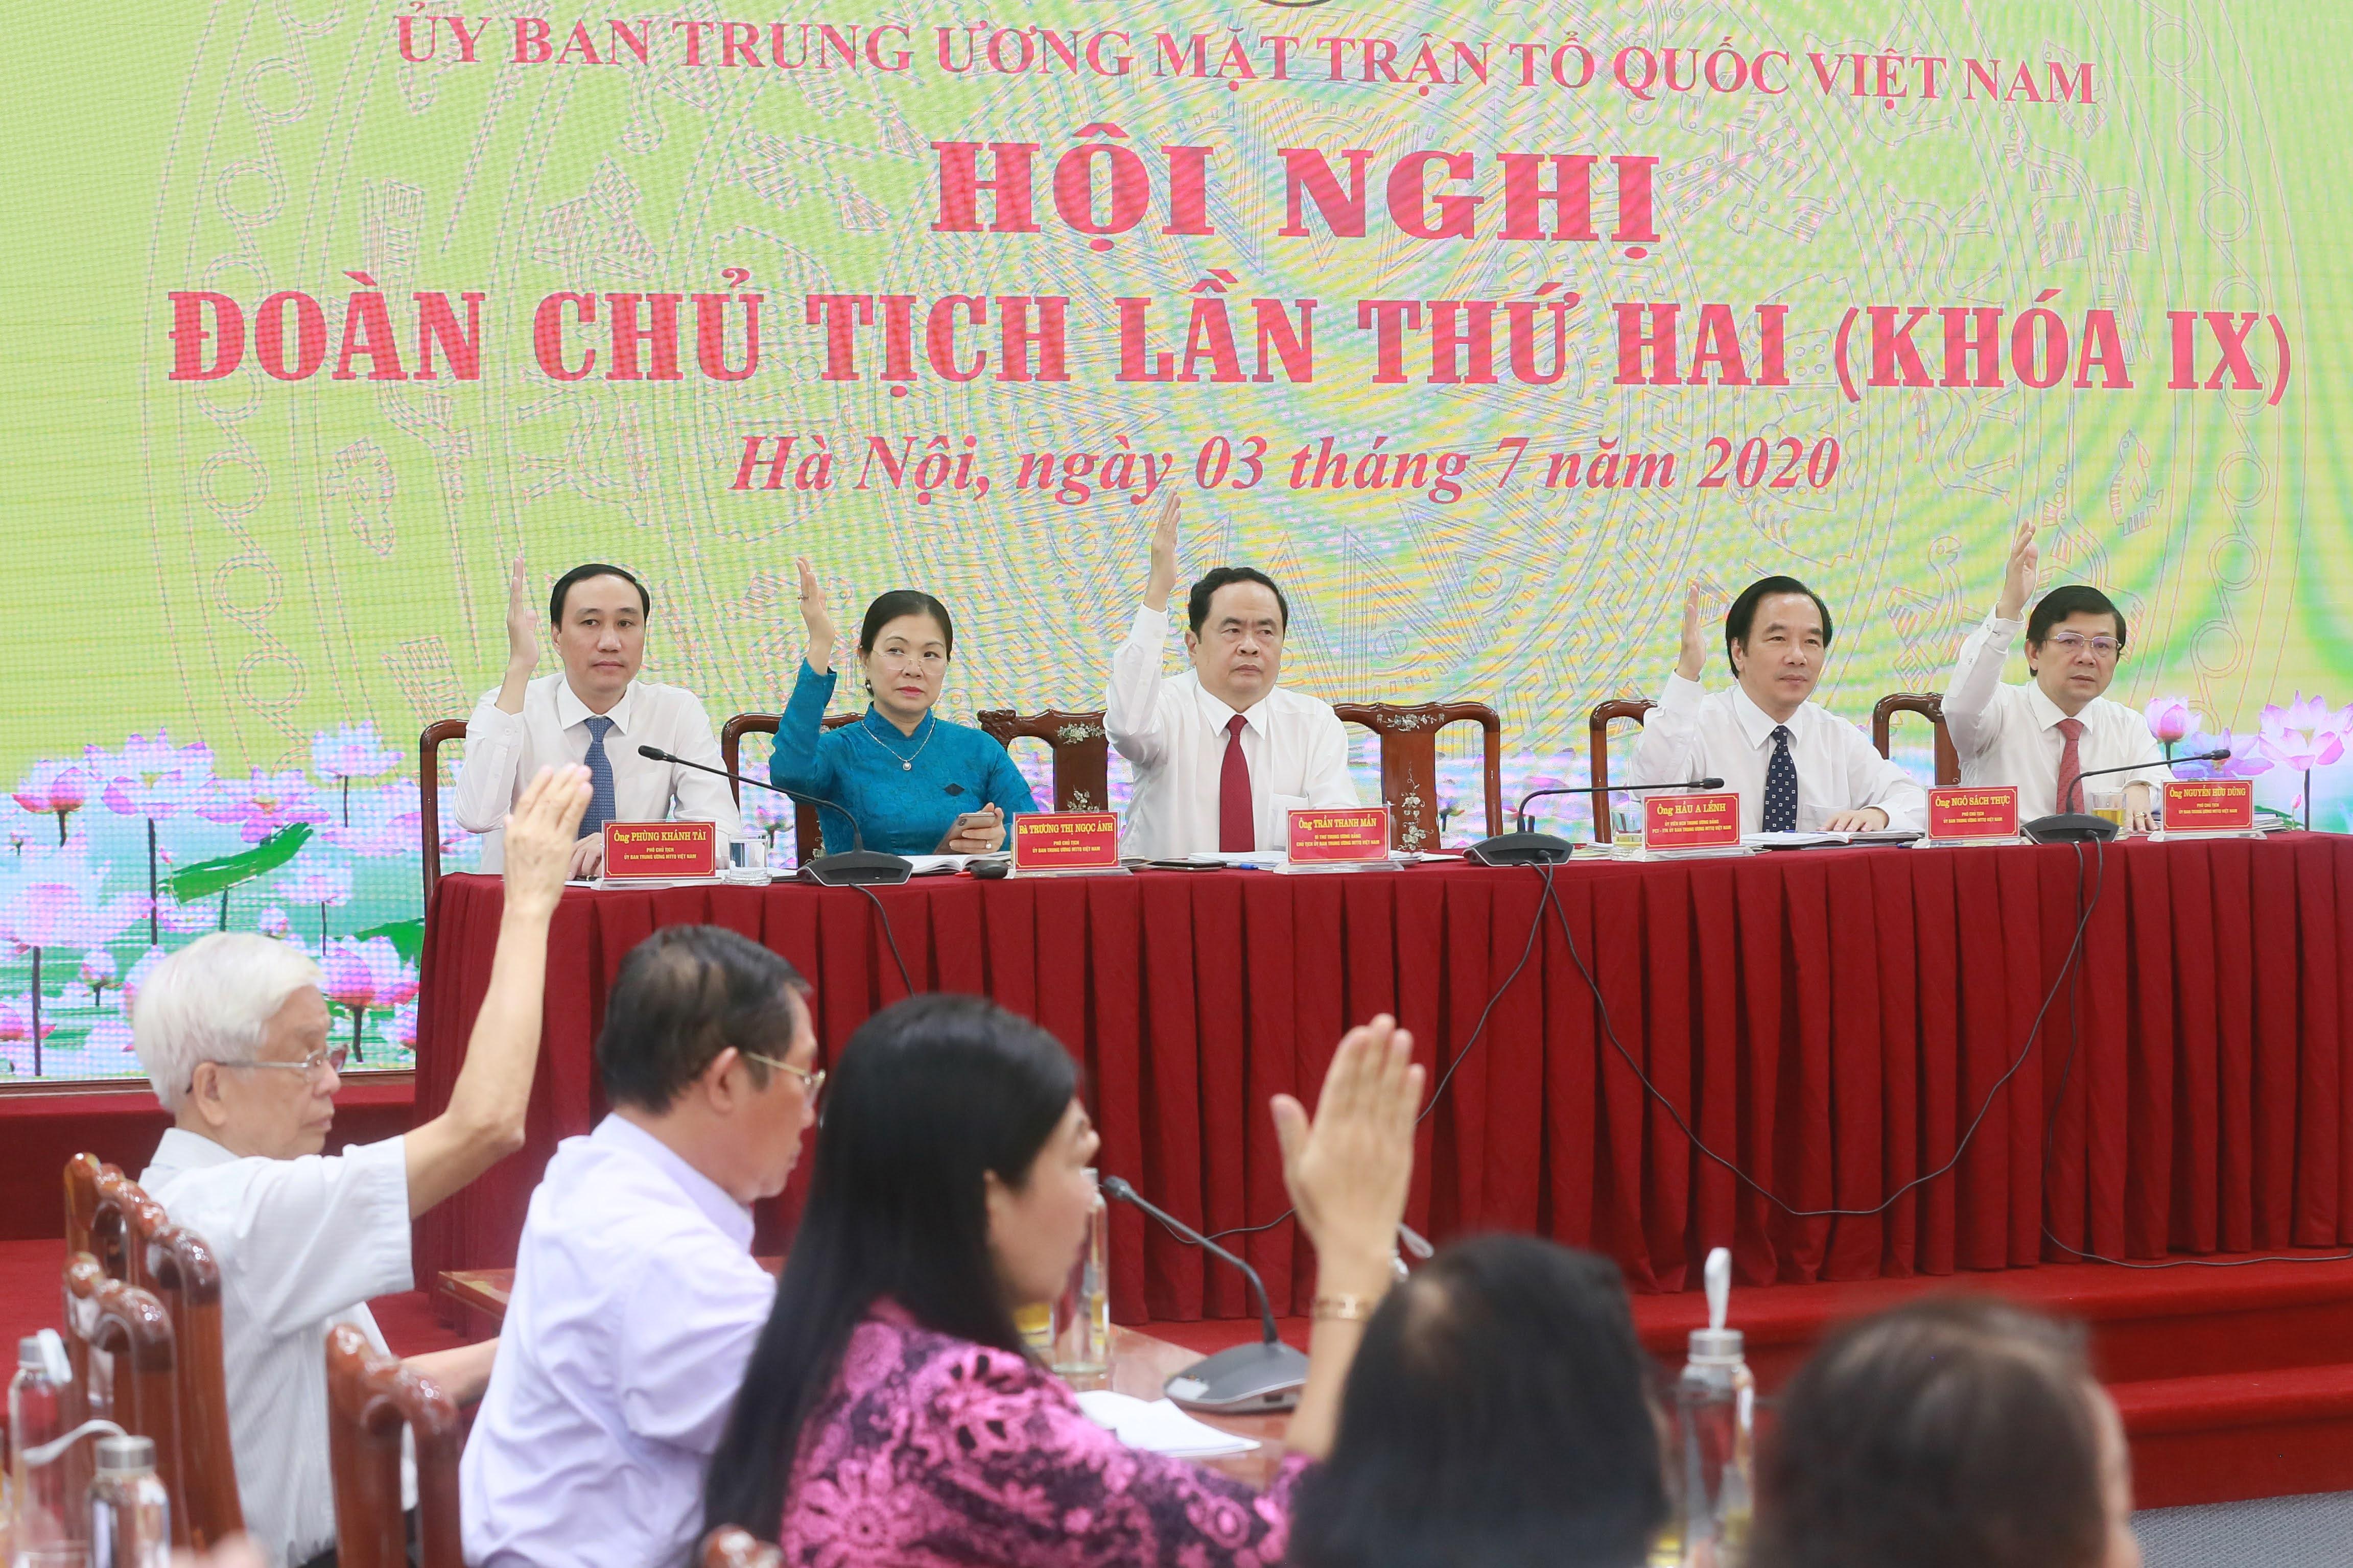 Các đại biểu thông qua Nghị quyết tại Hội nghị Đoàn Chủ tịch UBTƯ MTTQ Việt Nam lần thứ hai, khóa IX.